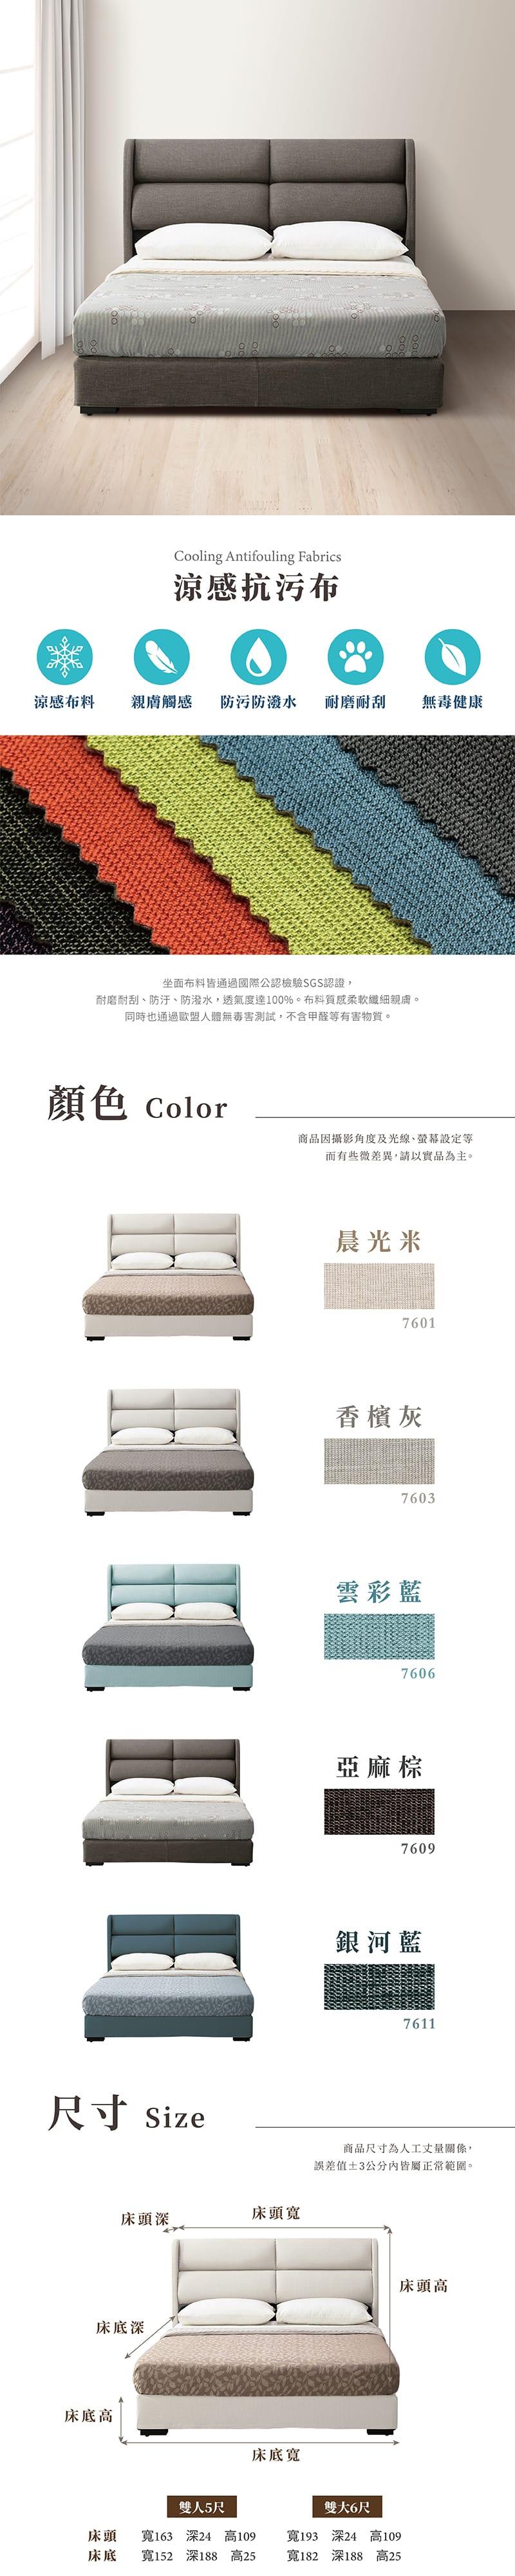 拉比 涼感布床組兩件 雙人5尺(床頭片+床底)